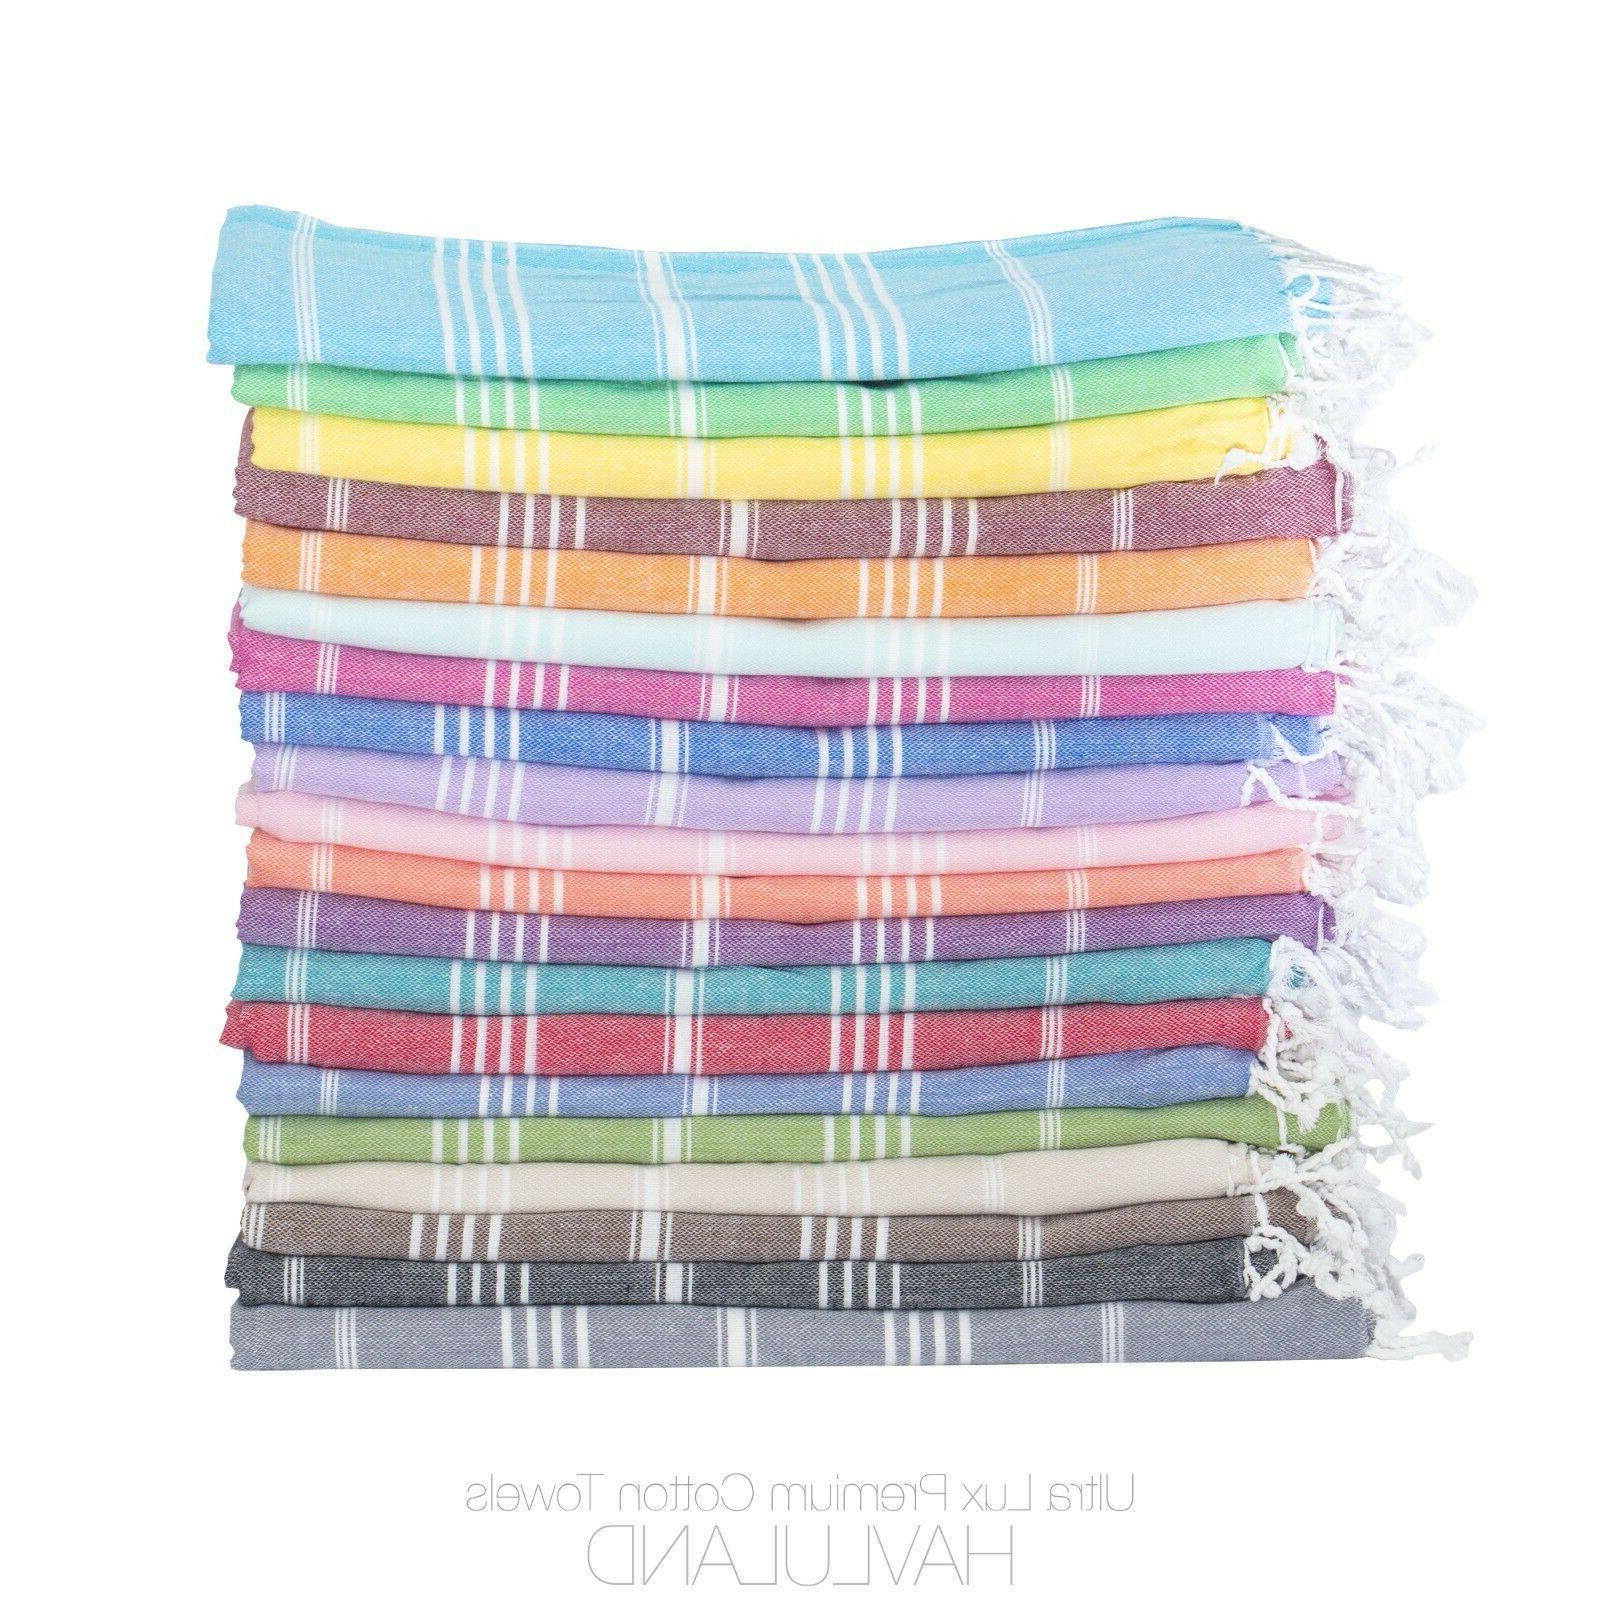 Havluland Turkish Beach Towel  - Prewashed for Soft Feel, 10